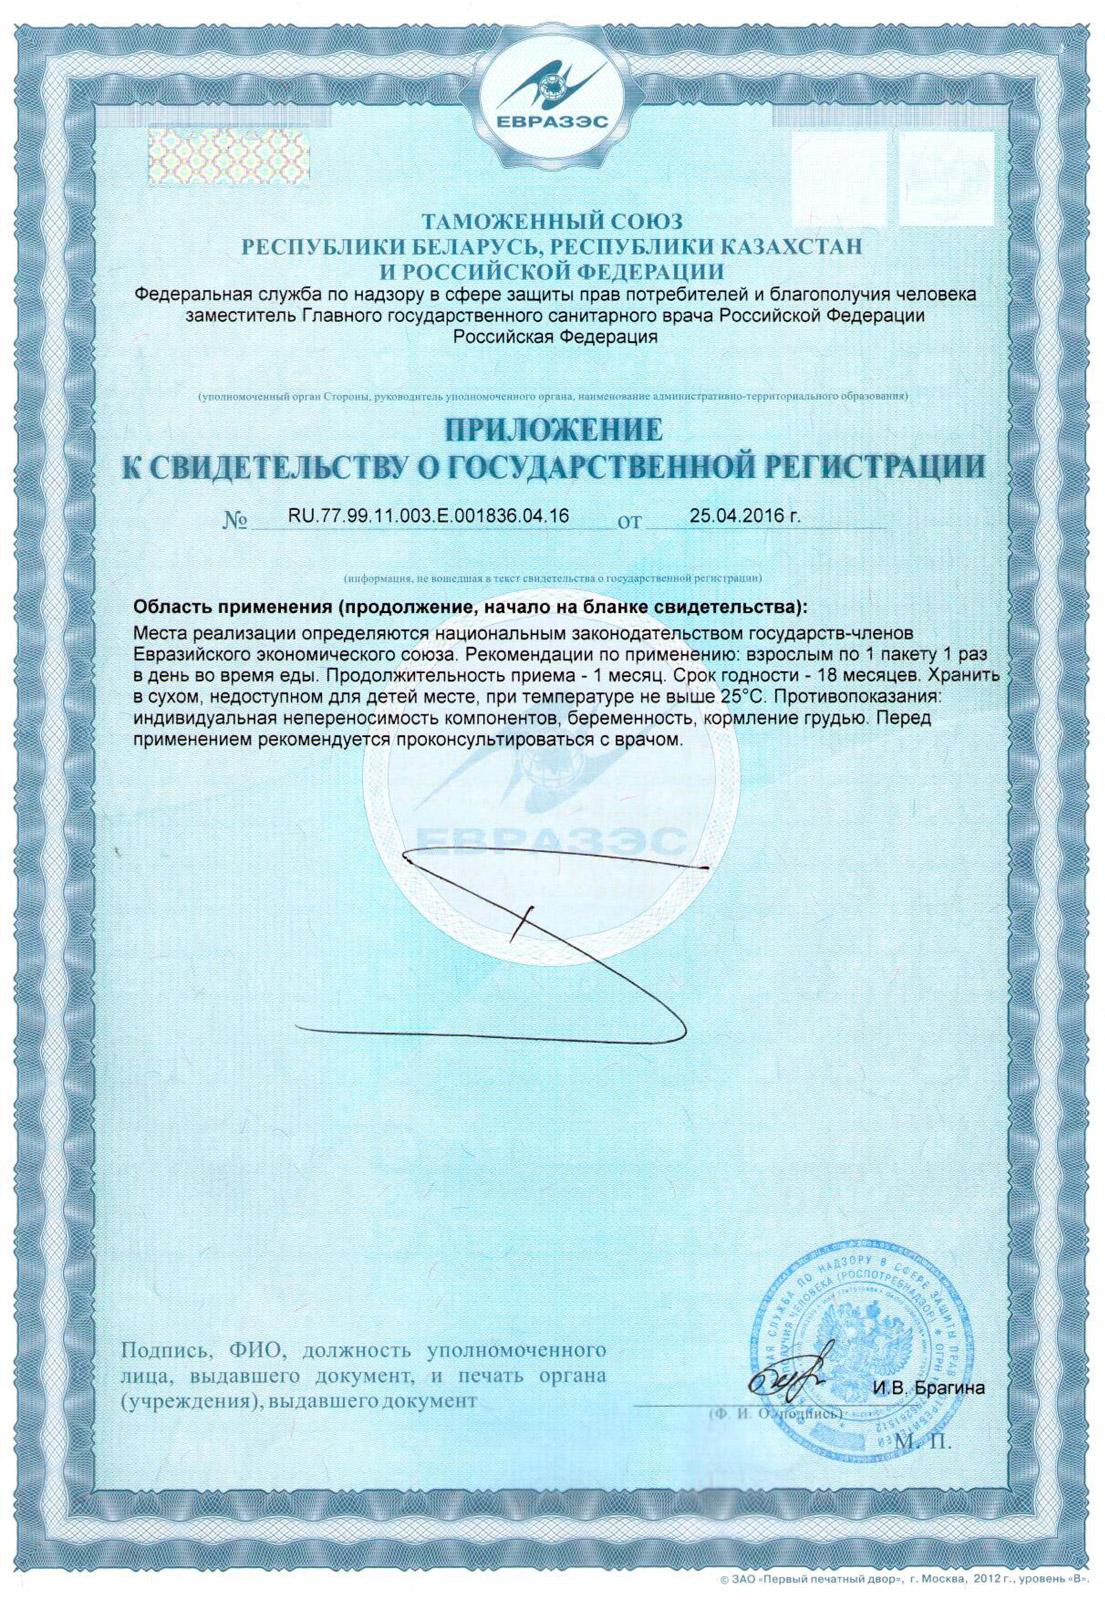 Свидетельство о государственной регистрации (сертификат) Rain Soul для стран таможенного союза России, Казахстана, Беларусии. Страница 2. Приложение